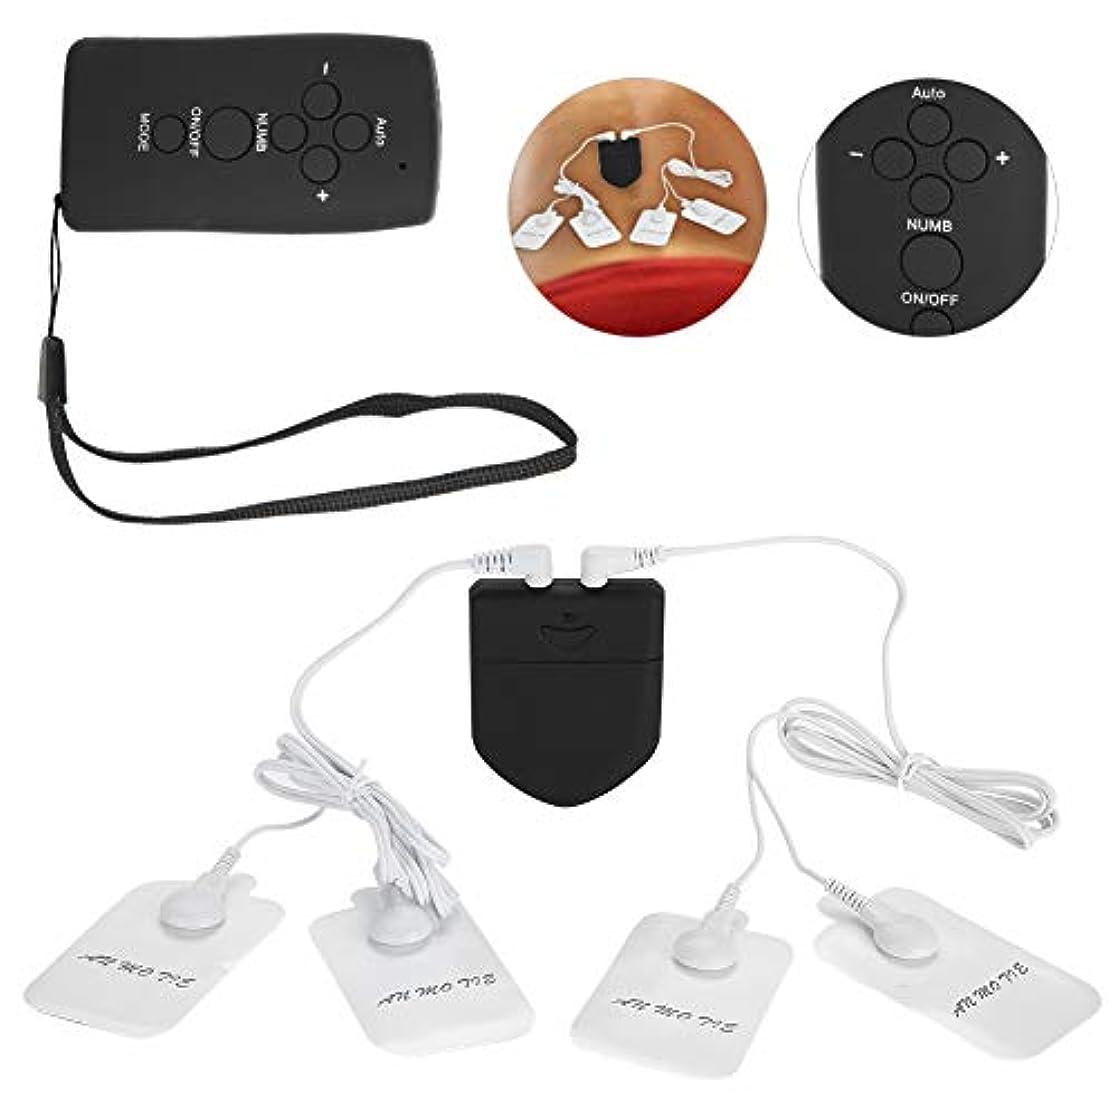 突き出すくつろぎ免除するマッサージ装置、ワイヤレスリモコンデュアル出力多機能マッサージャー